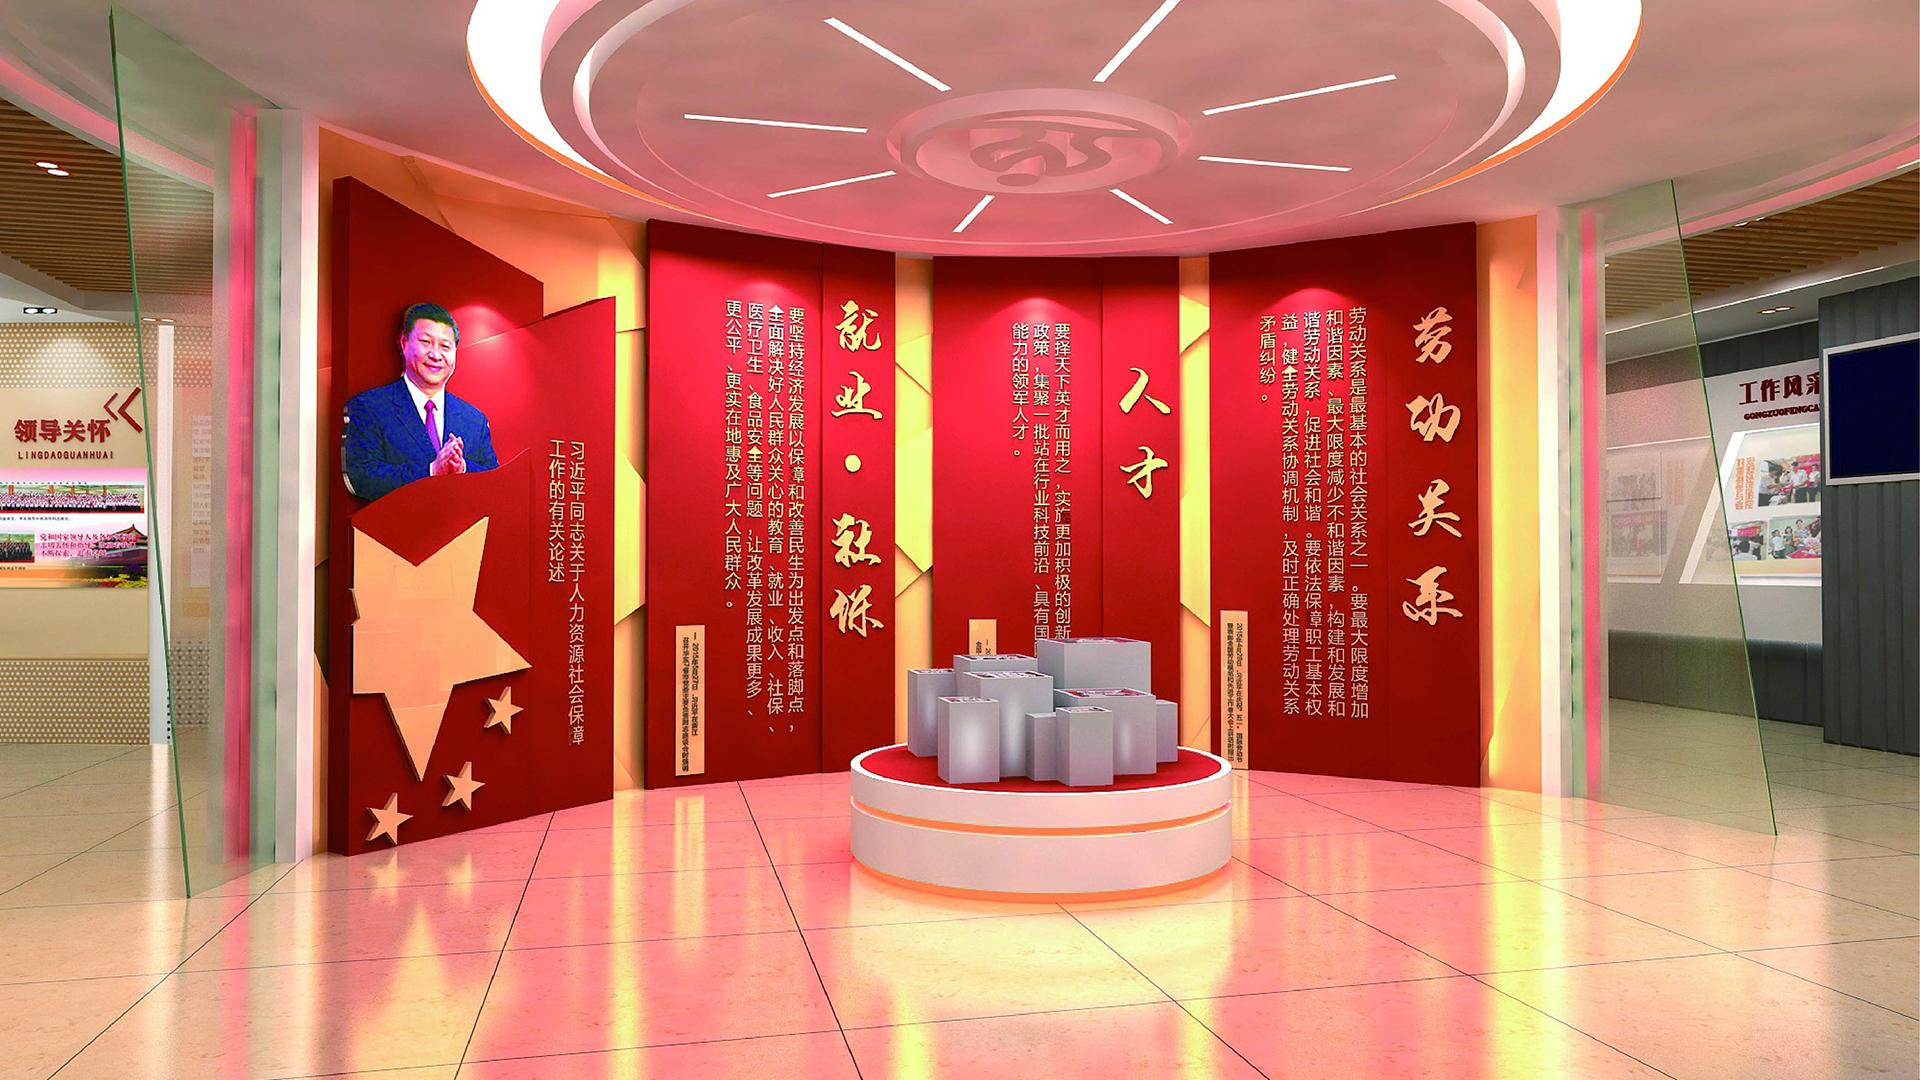 西安国税智慧党建馆